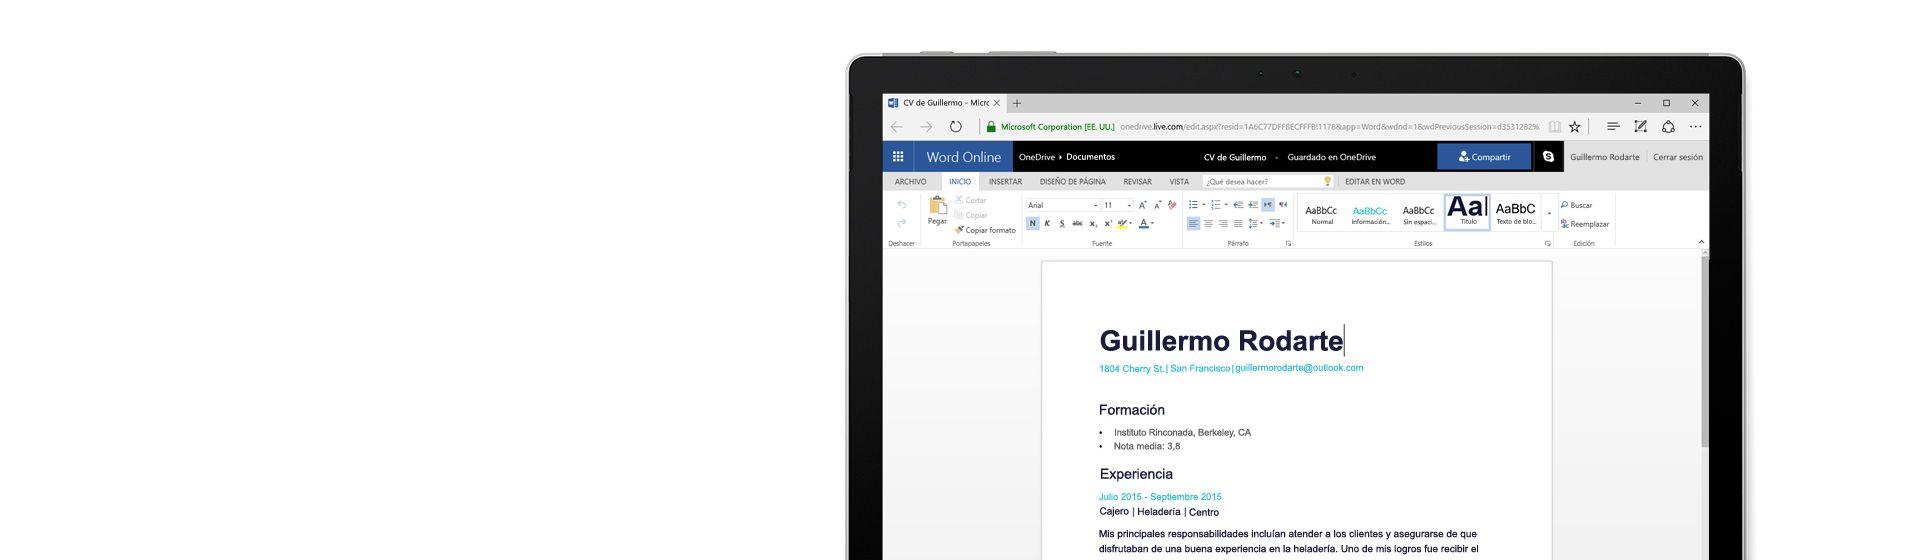 Pantalla de un equipo donde se muestra un currículum diseñado en Word Online